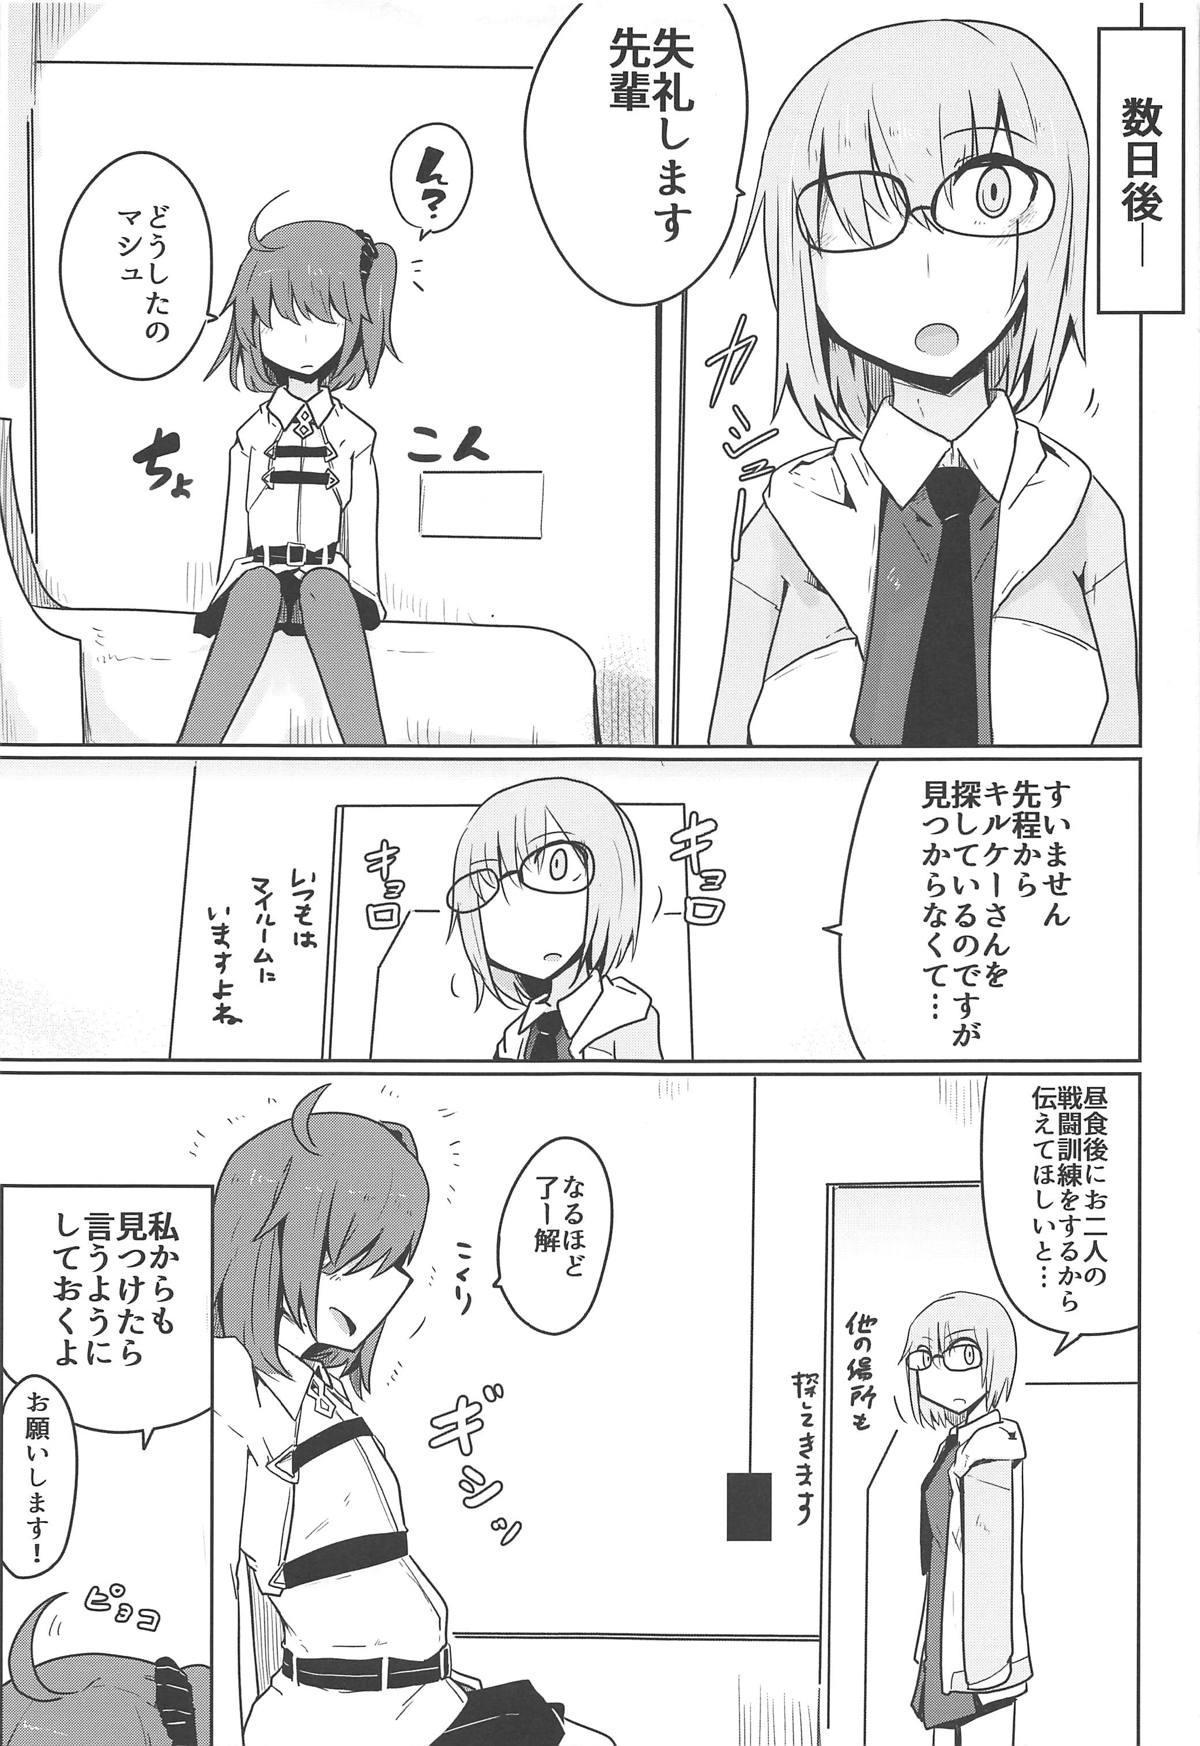 Daimajo ga Katsu no wa Touzen no Koto darou!? 9